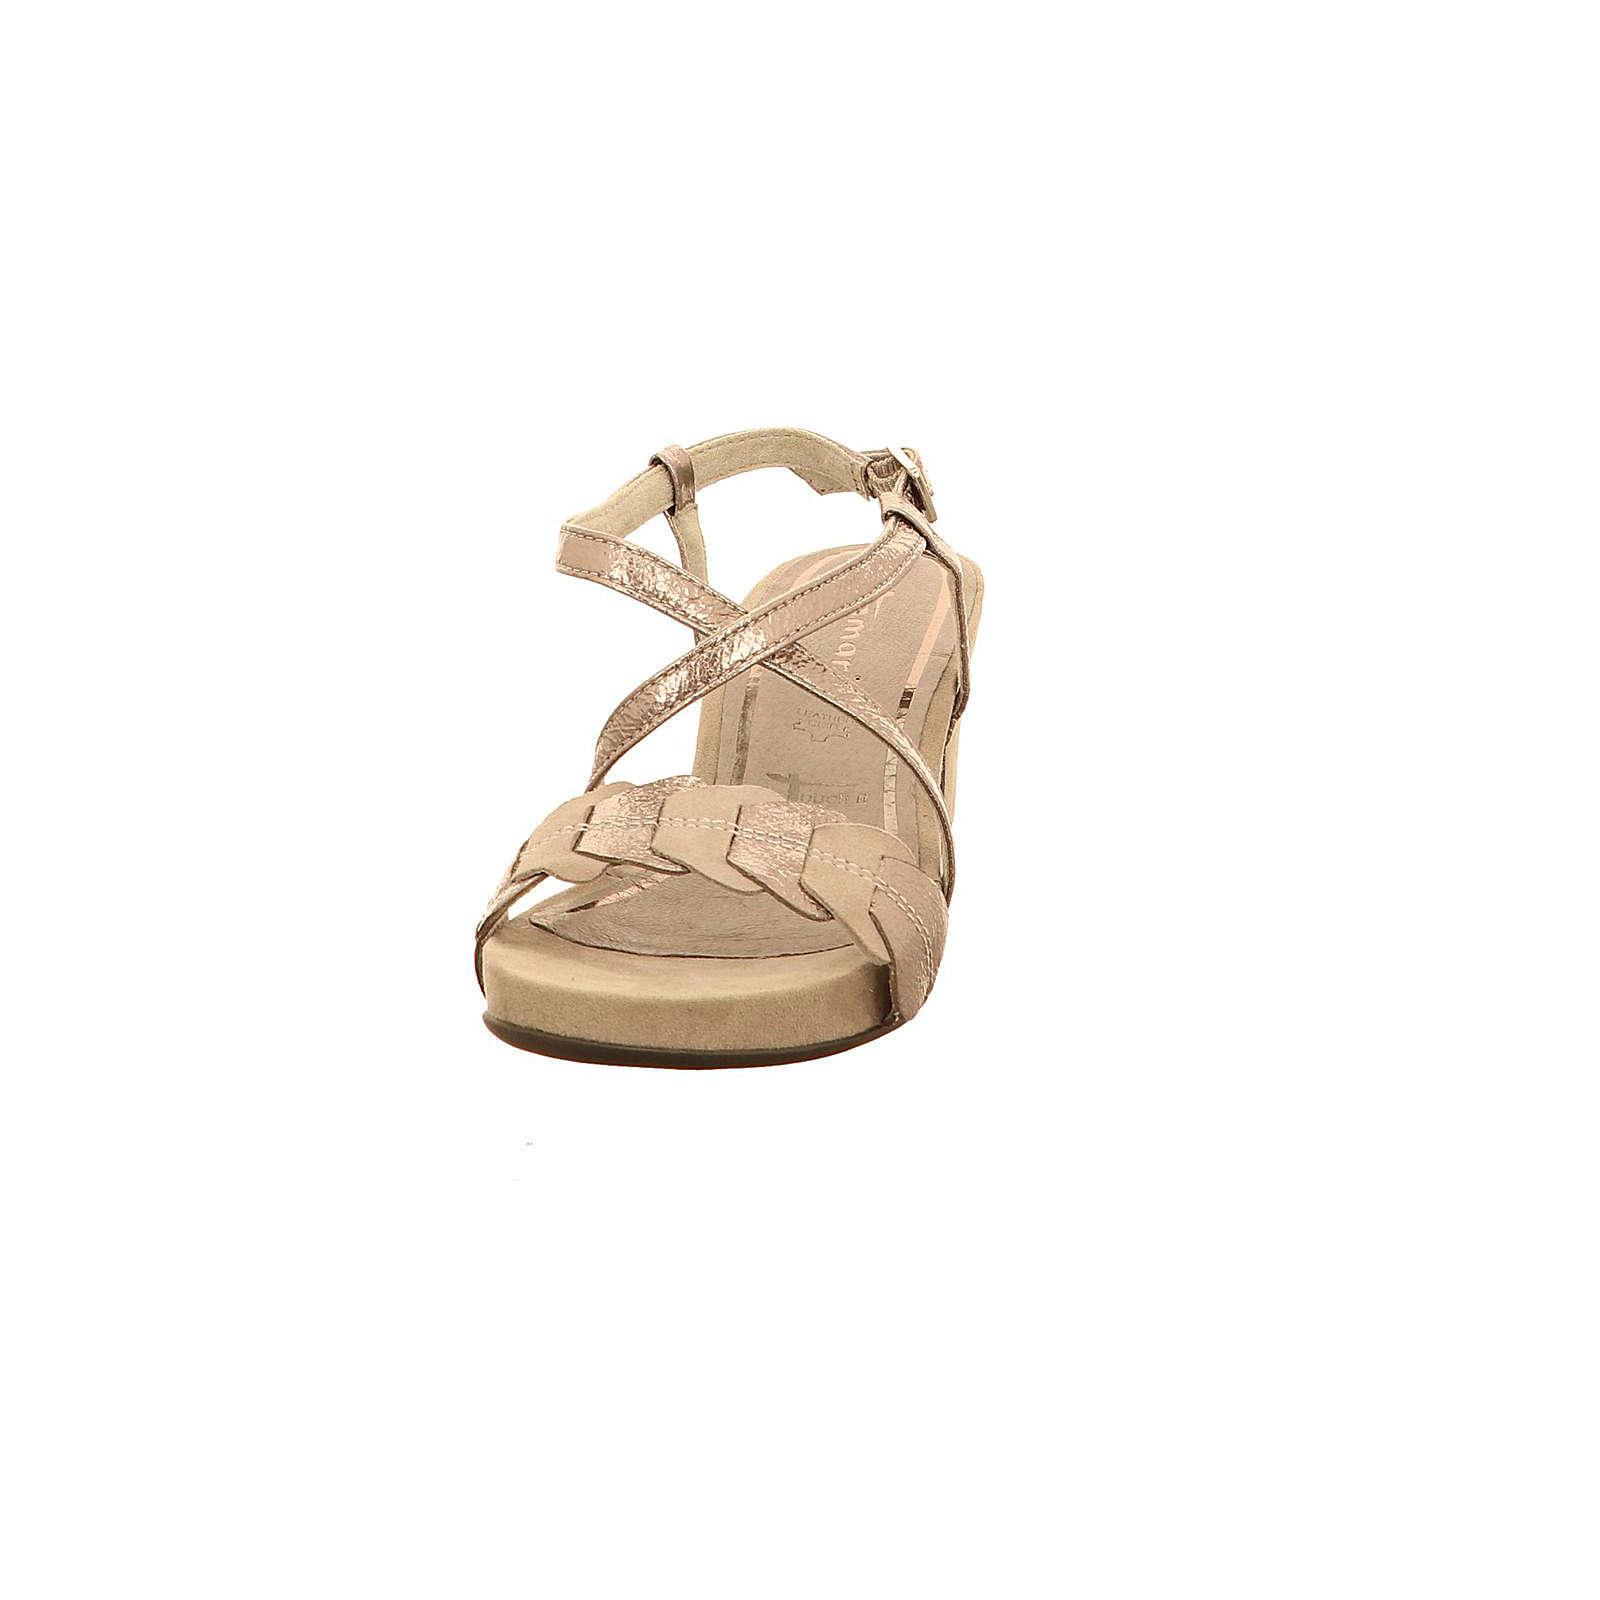 Tamaris Sandalen/Sandaletten grau grau Damen Gr. 38